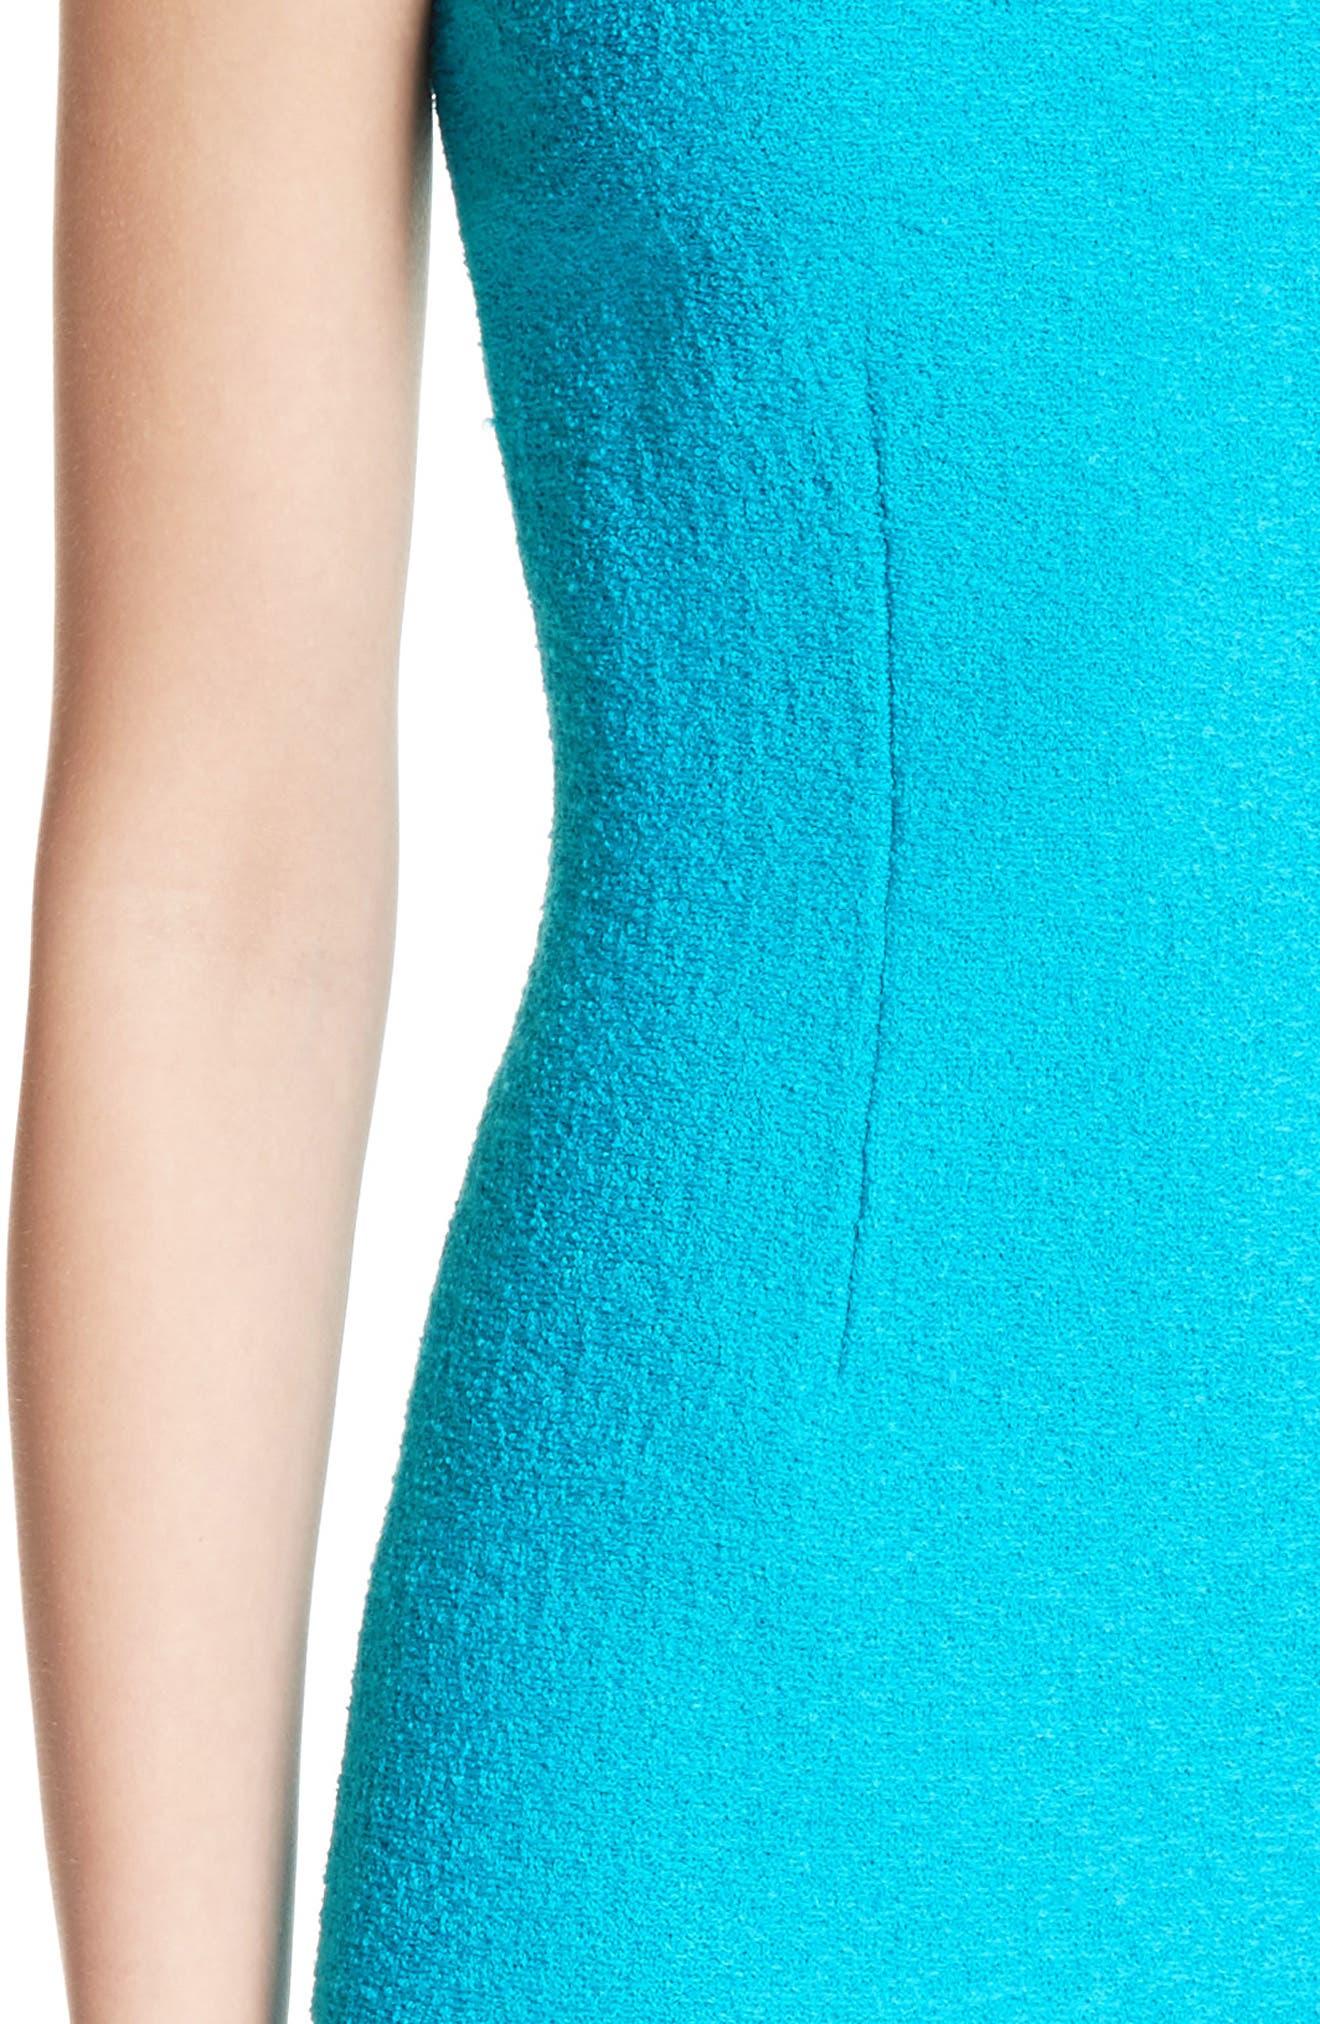 Clair Knit A-Line Dress,                             Alternate thumbnail 4, color,                             440